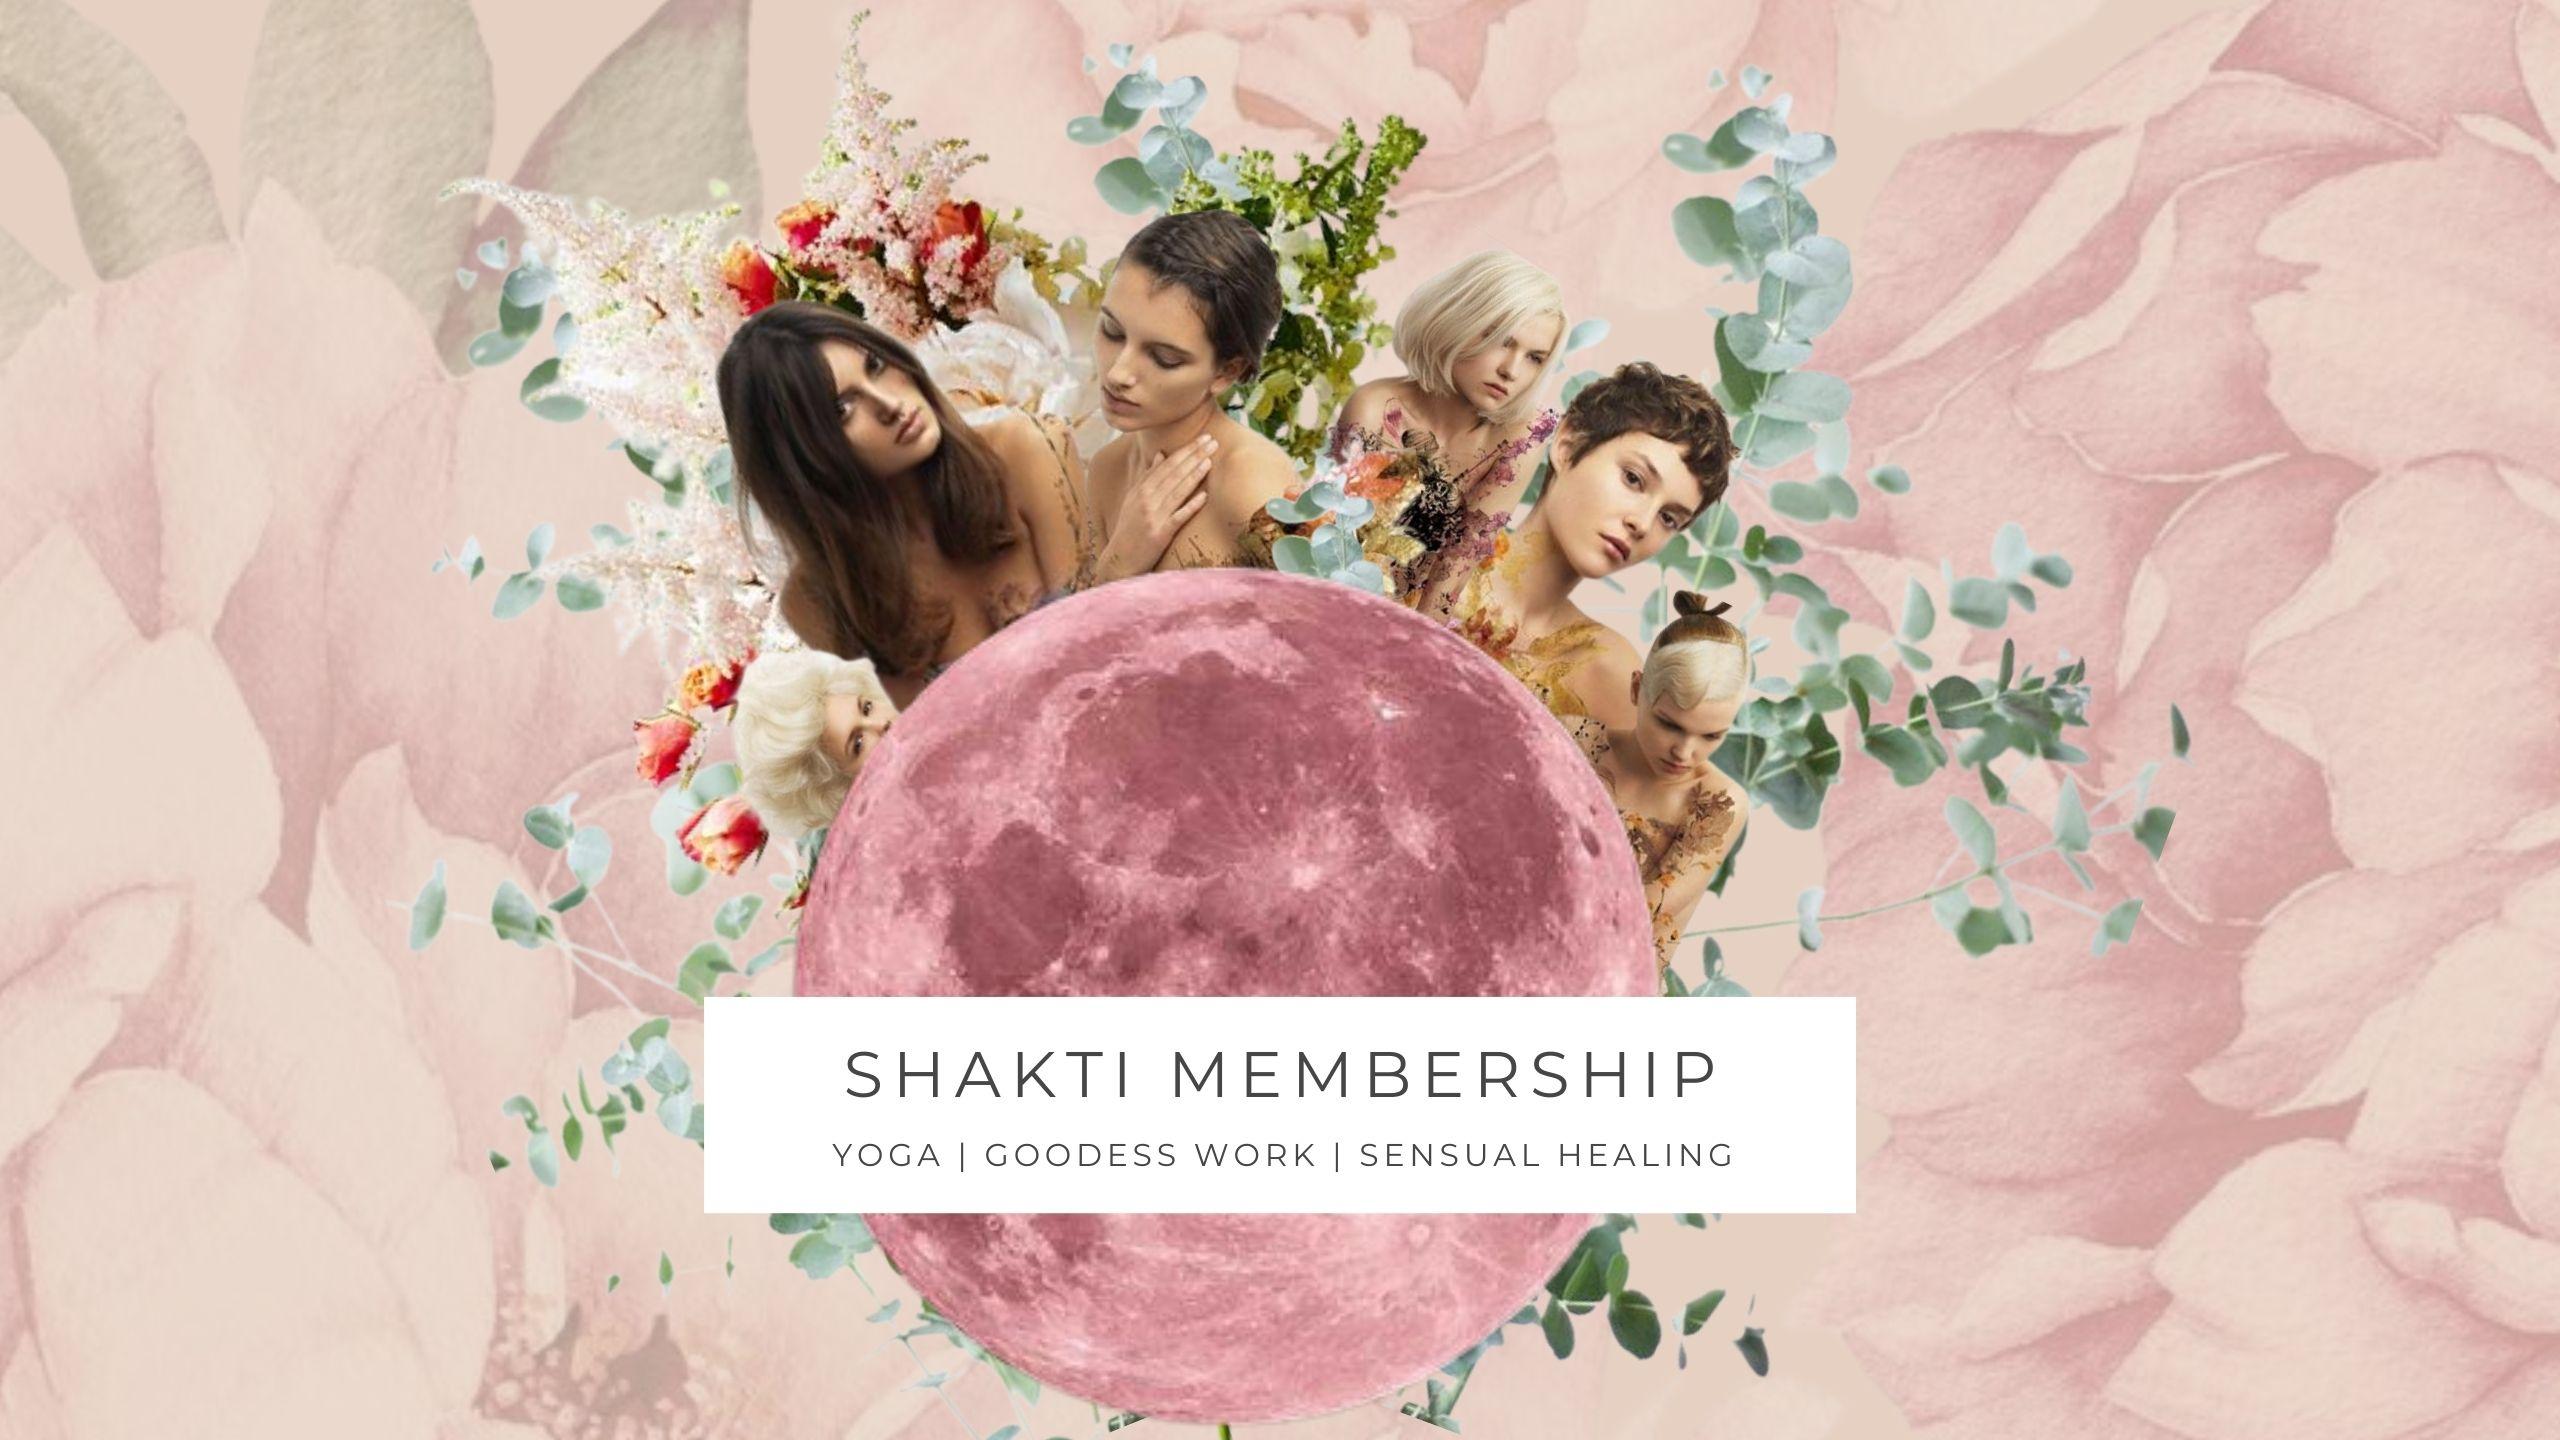 Shakti membership